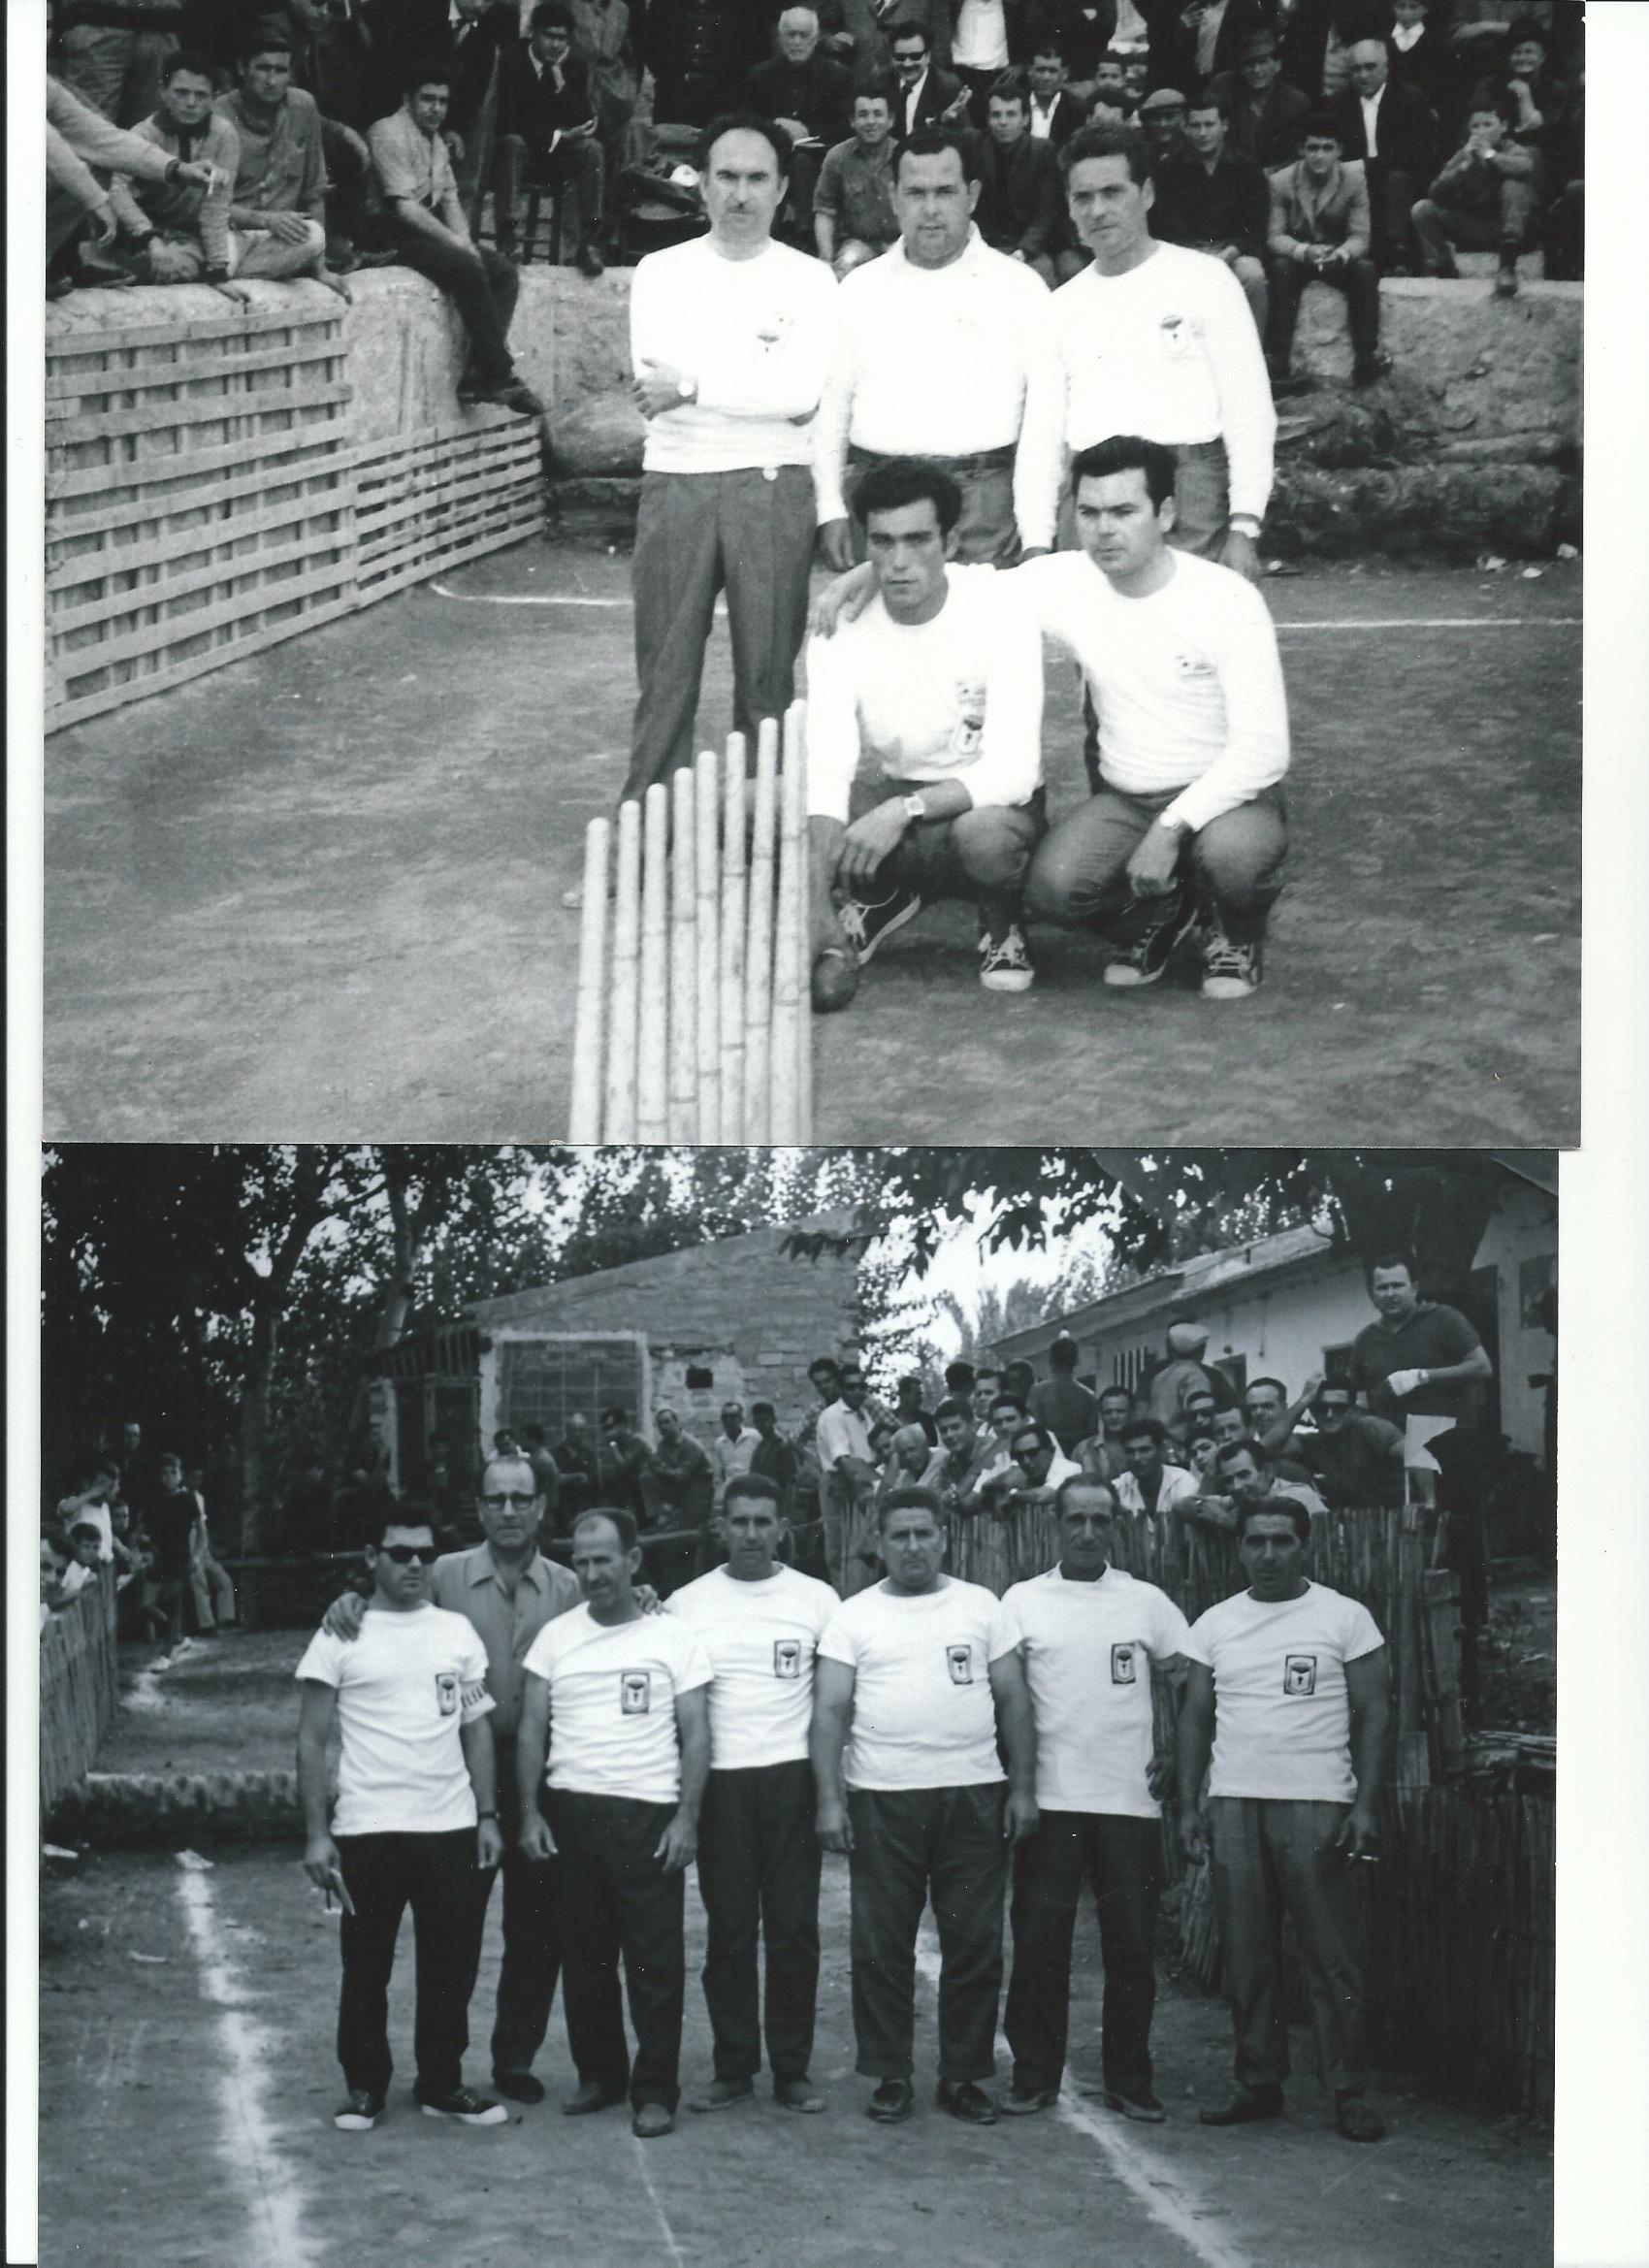 fotos antiguas nº 5